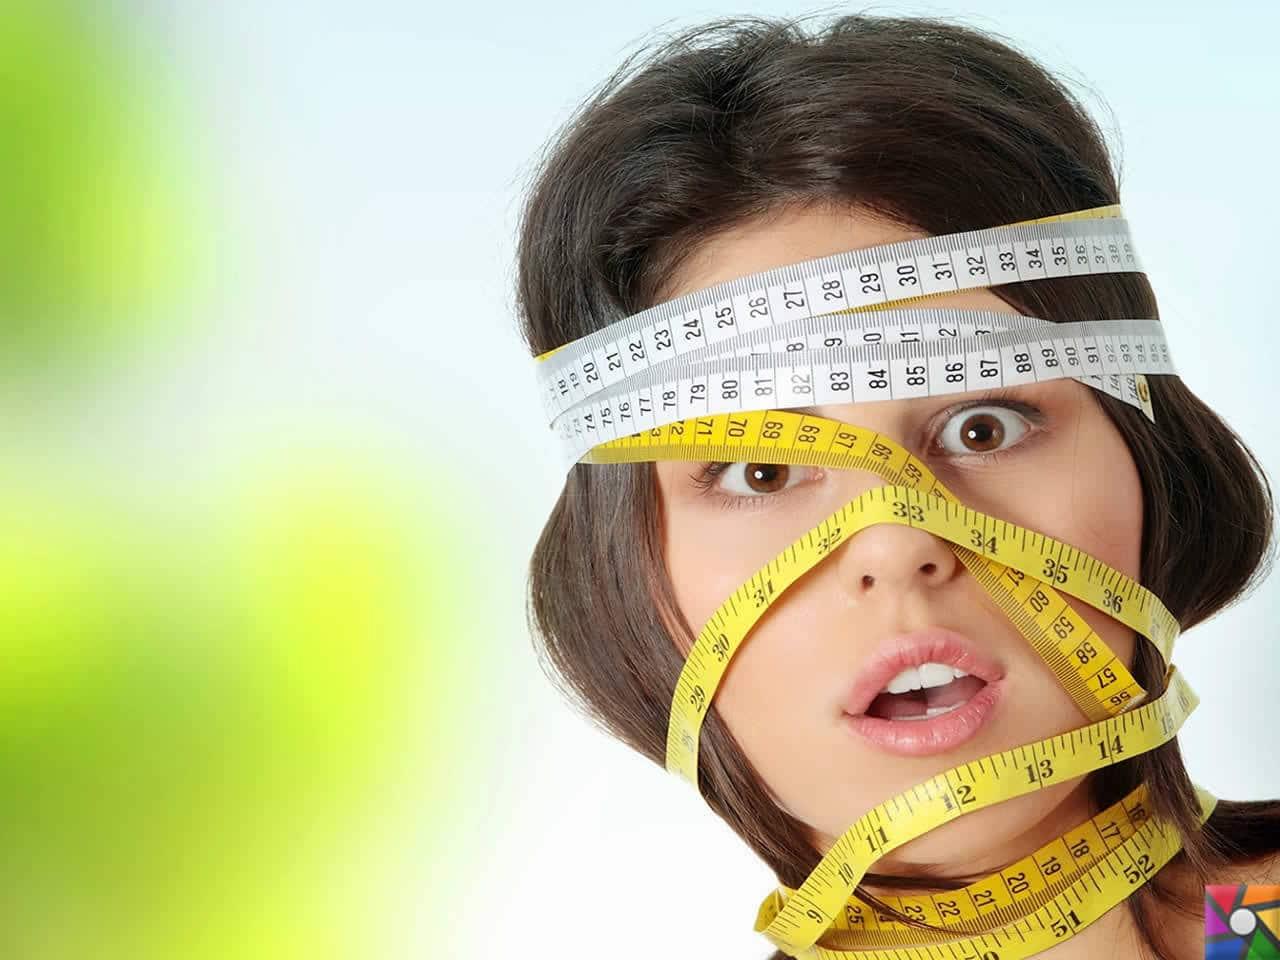 Verilen kilolar neden geri alınır